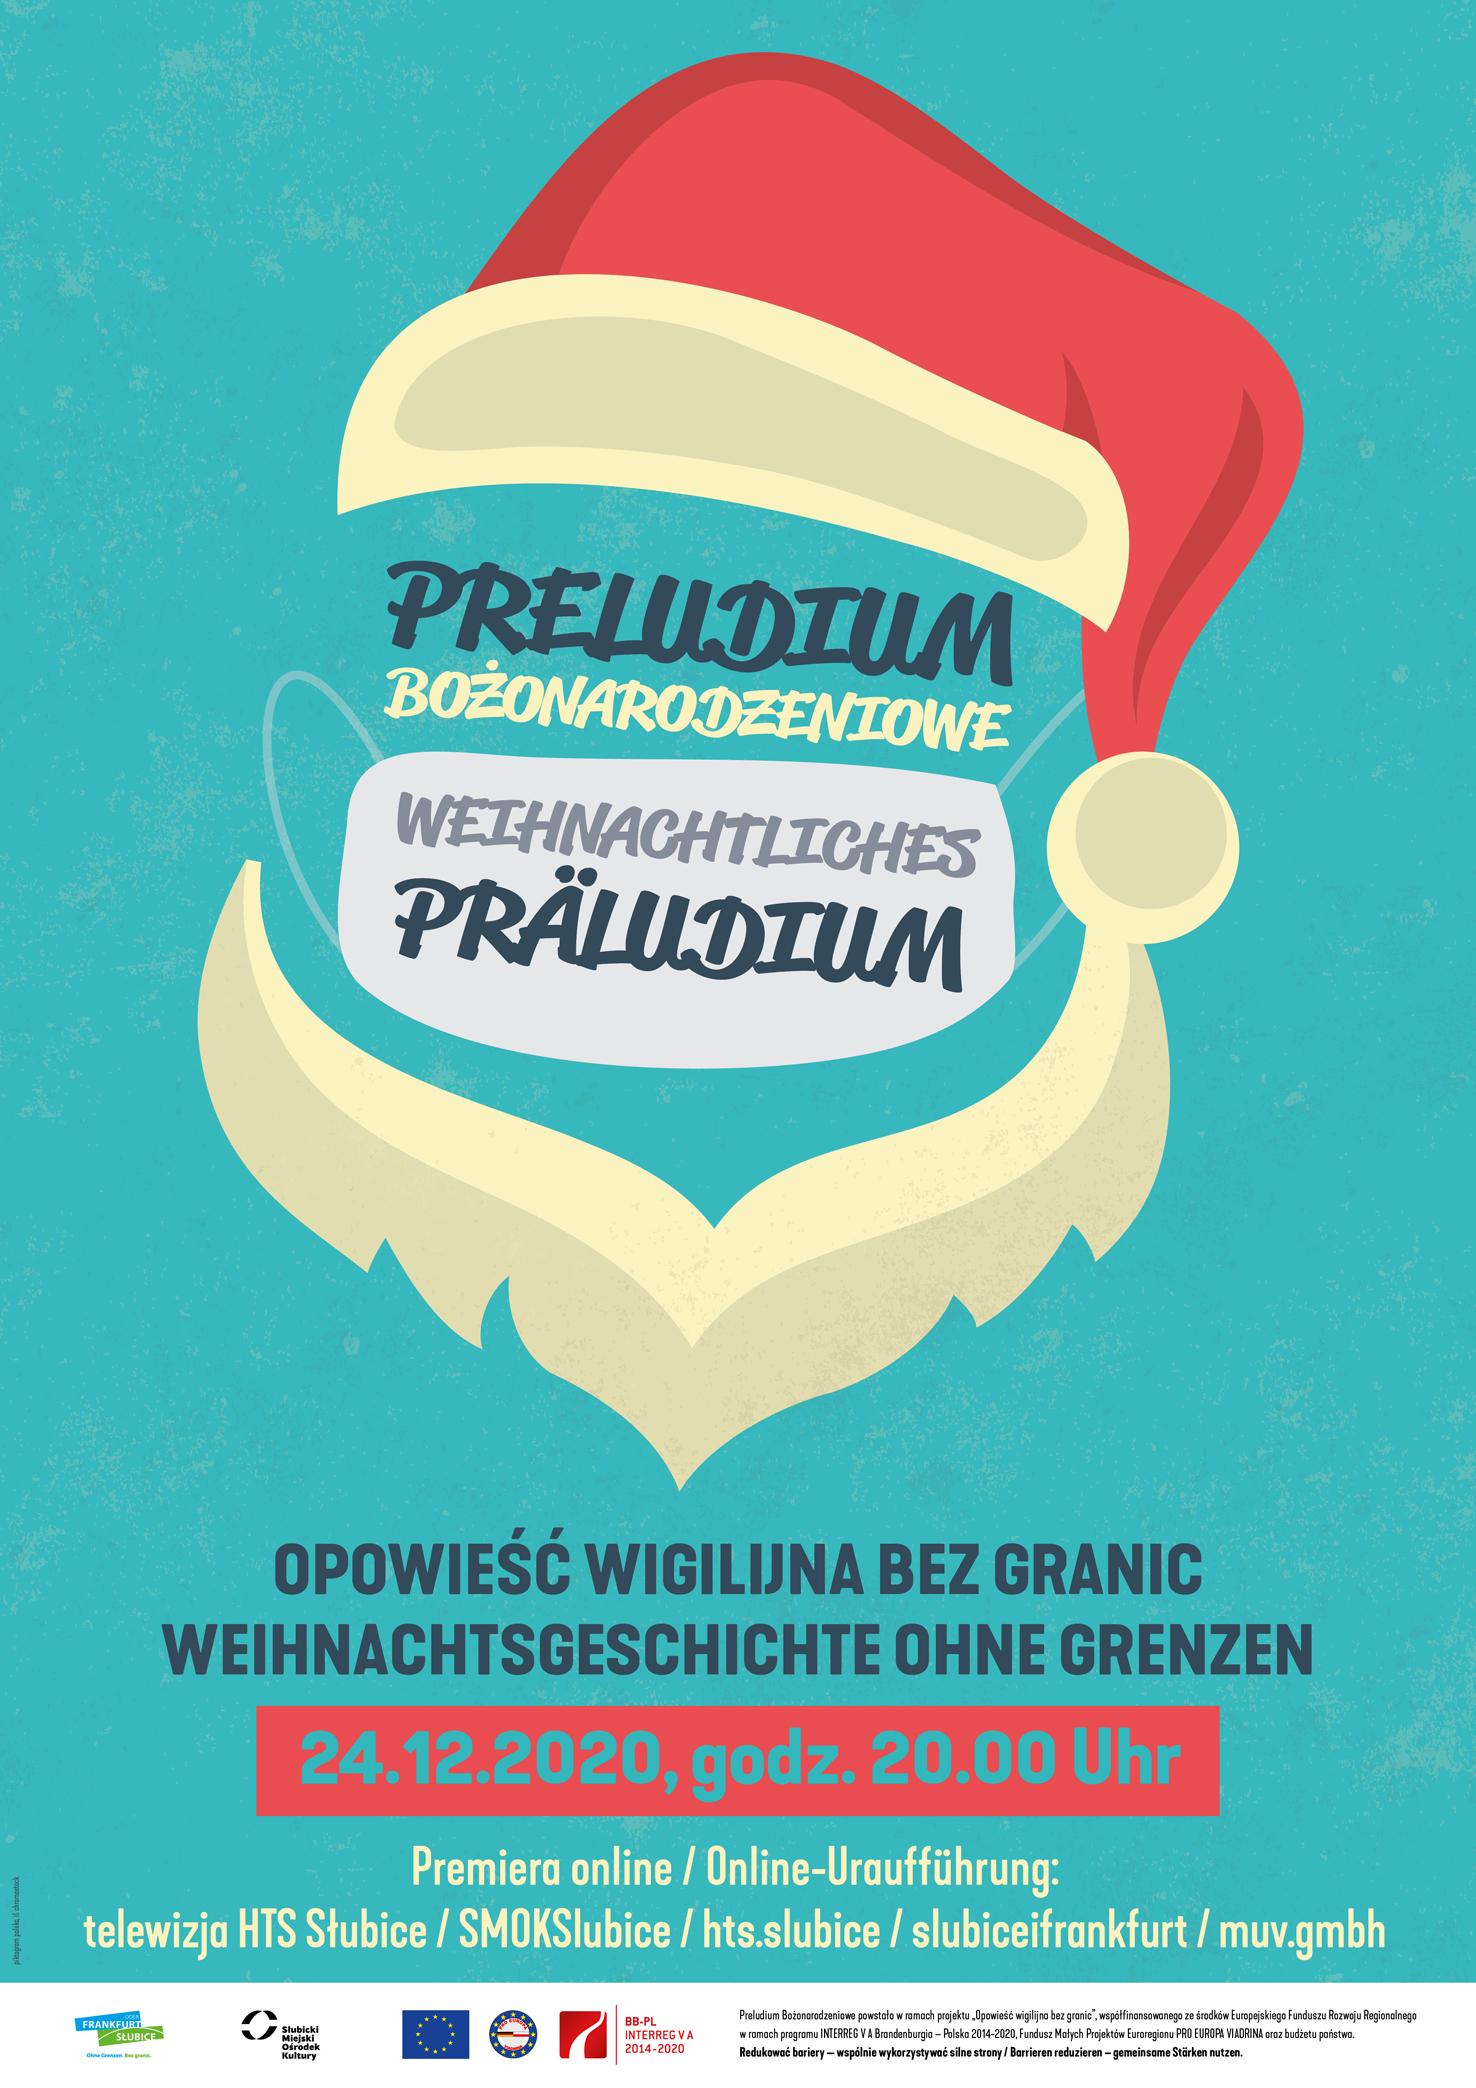 Preludium 2020_fb